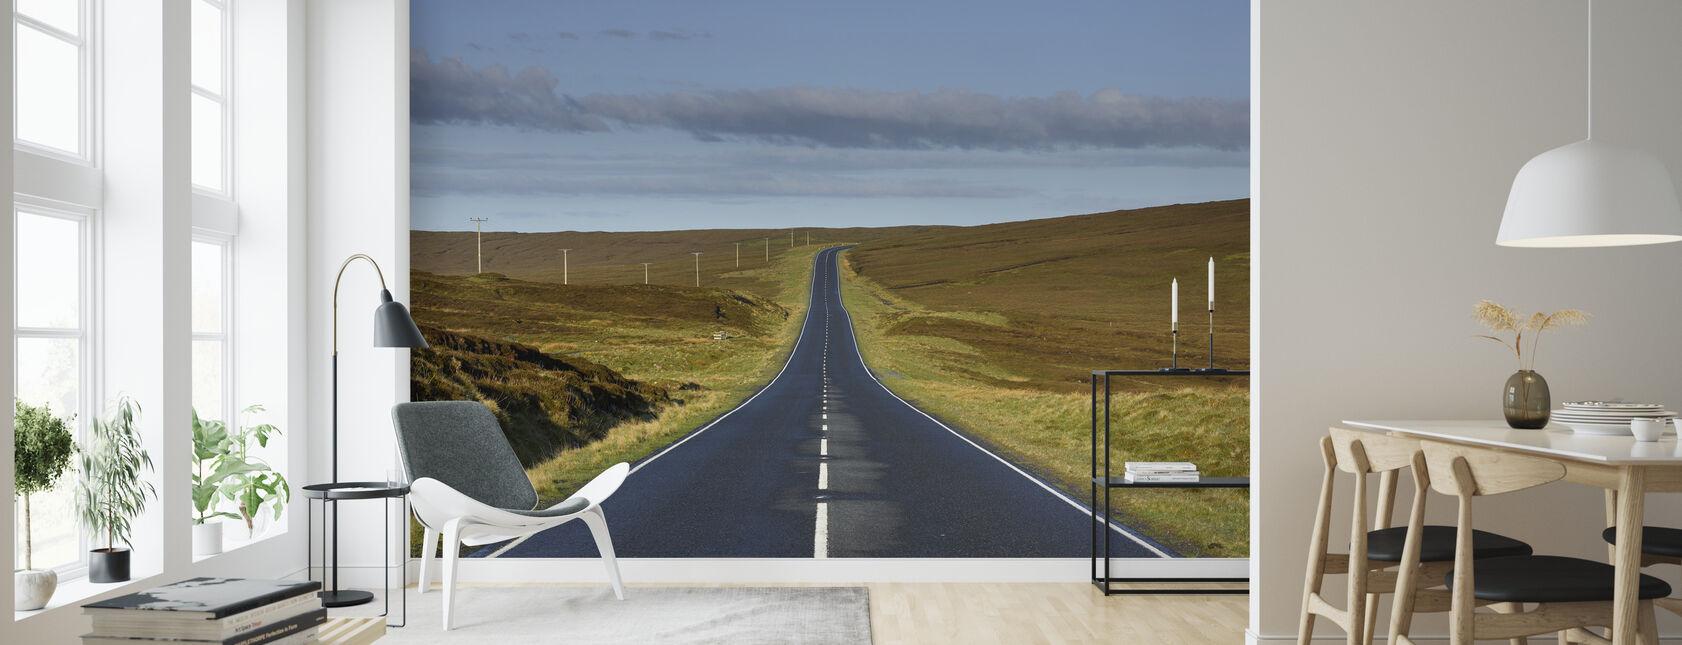 Tomme Road i Shetland, Skotland - Tapet - Stue